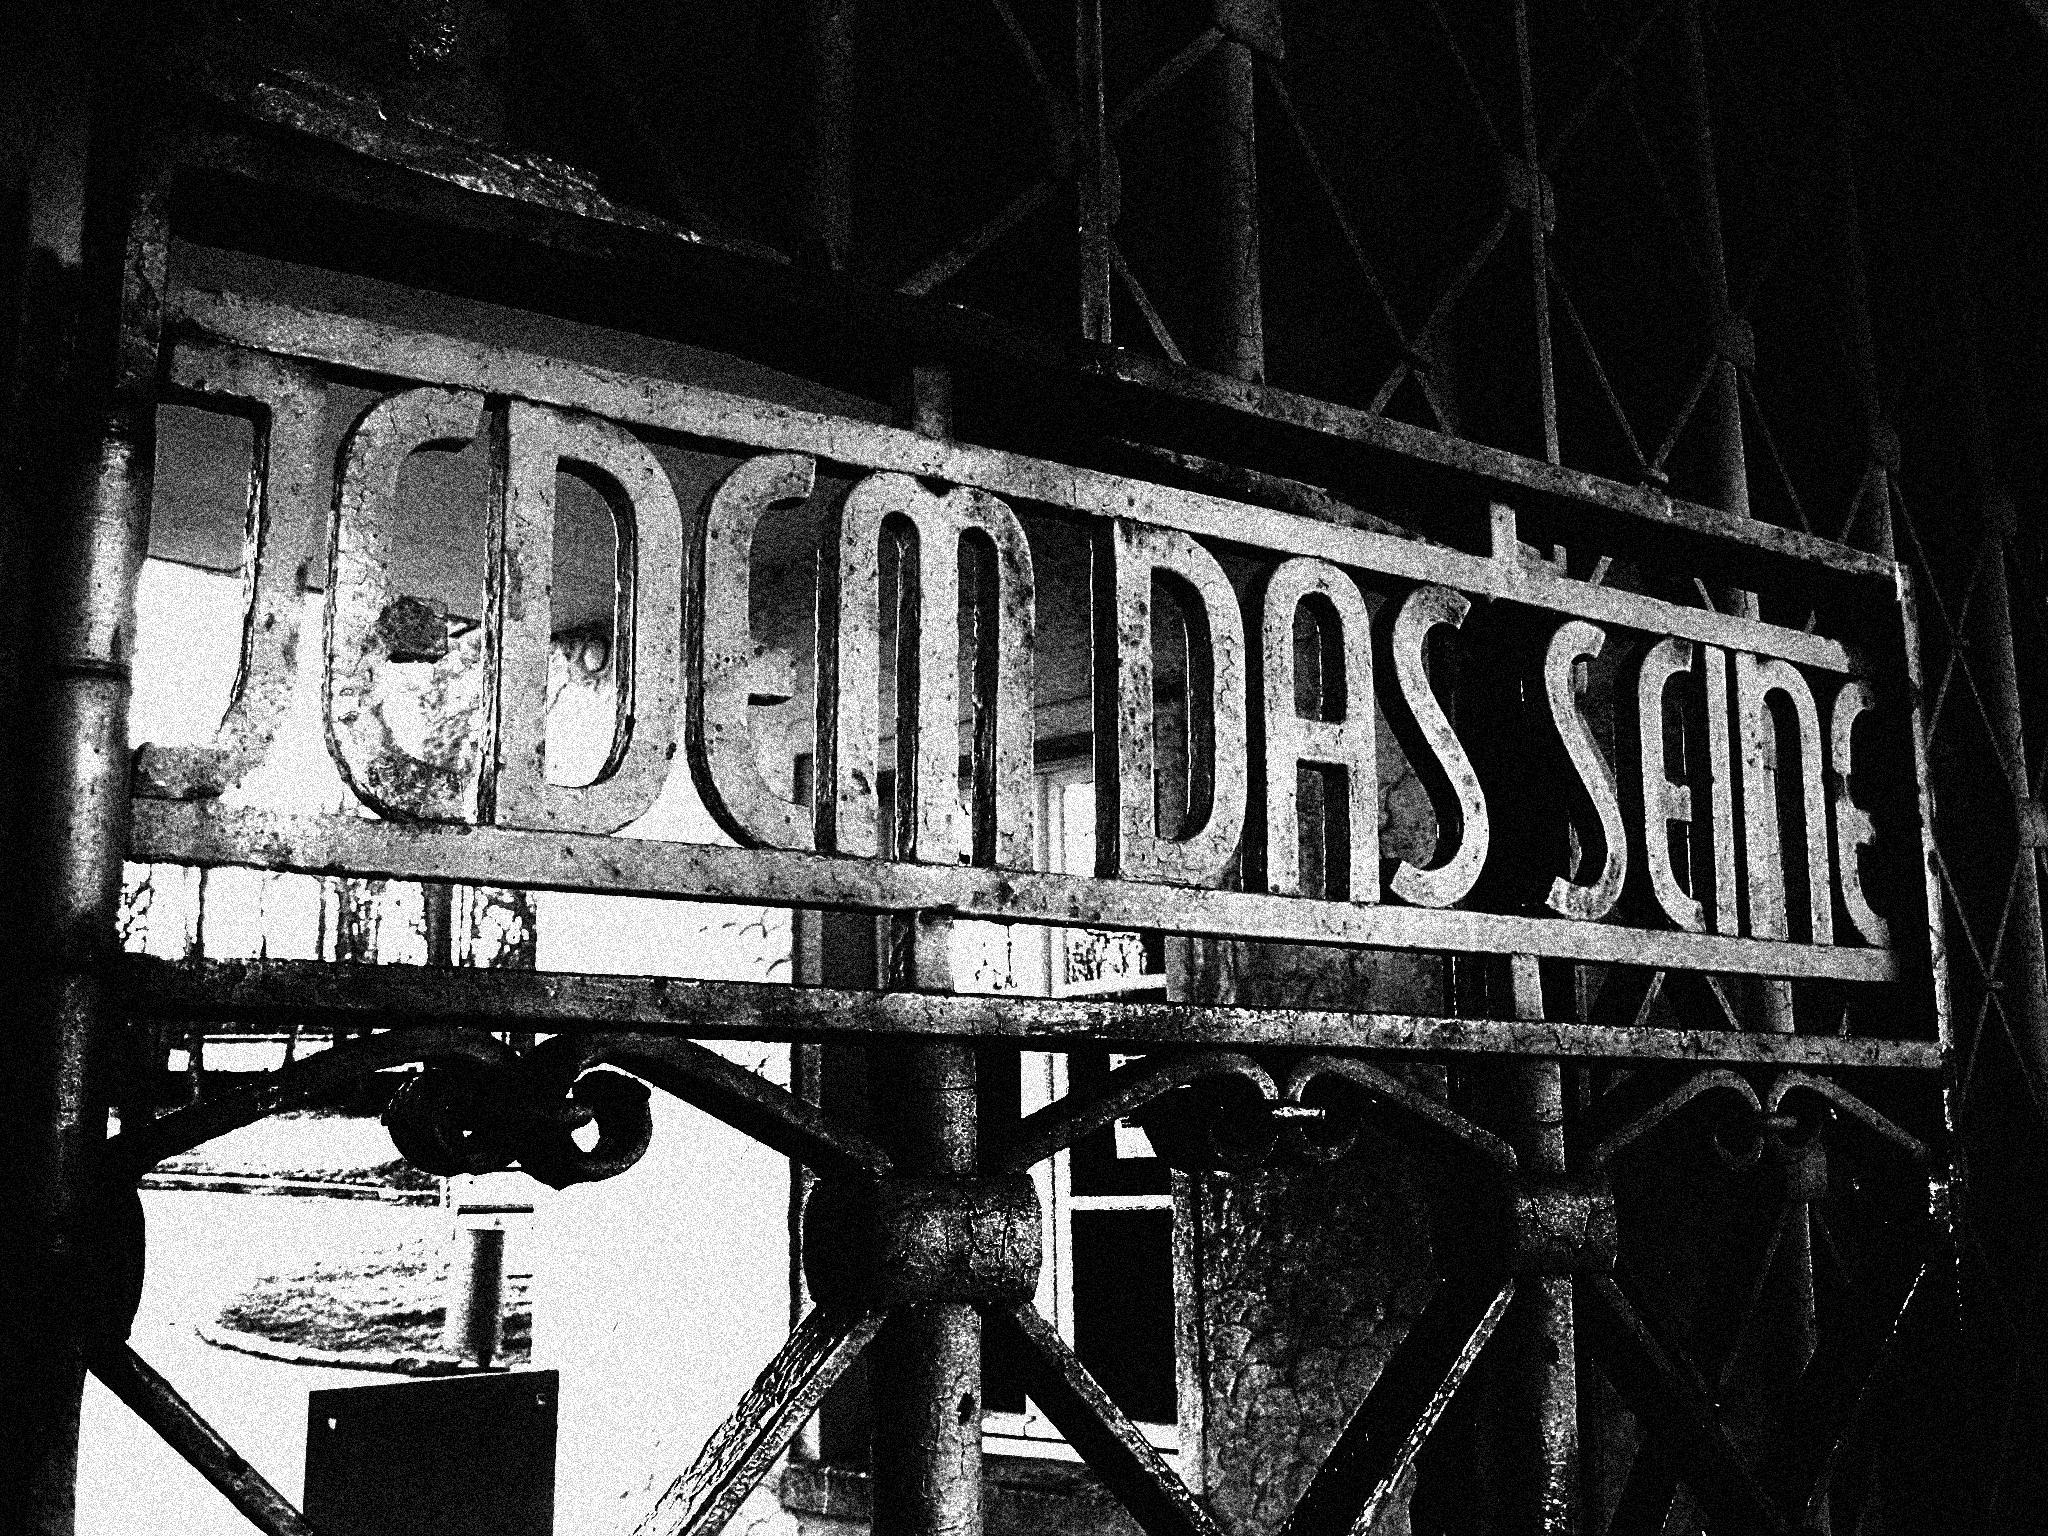 Buchenwald entrance